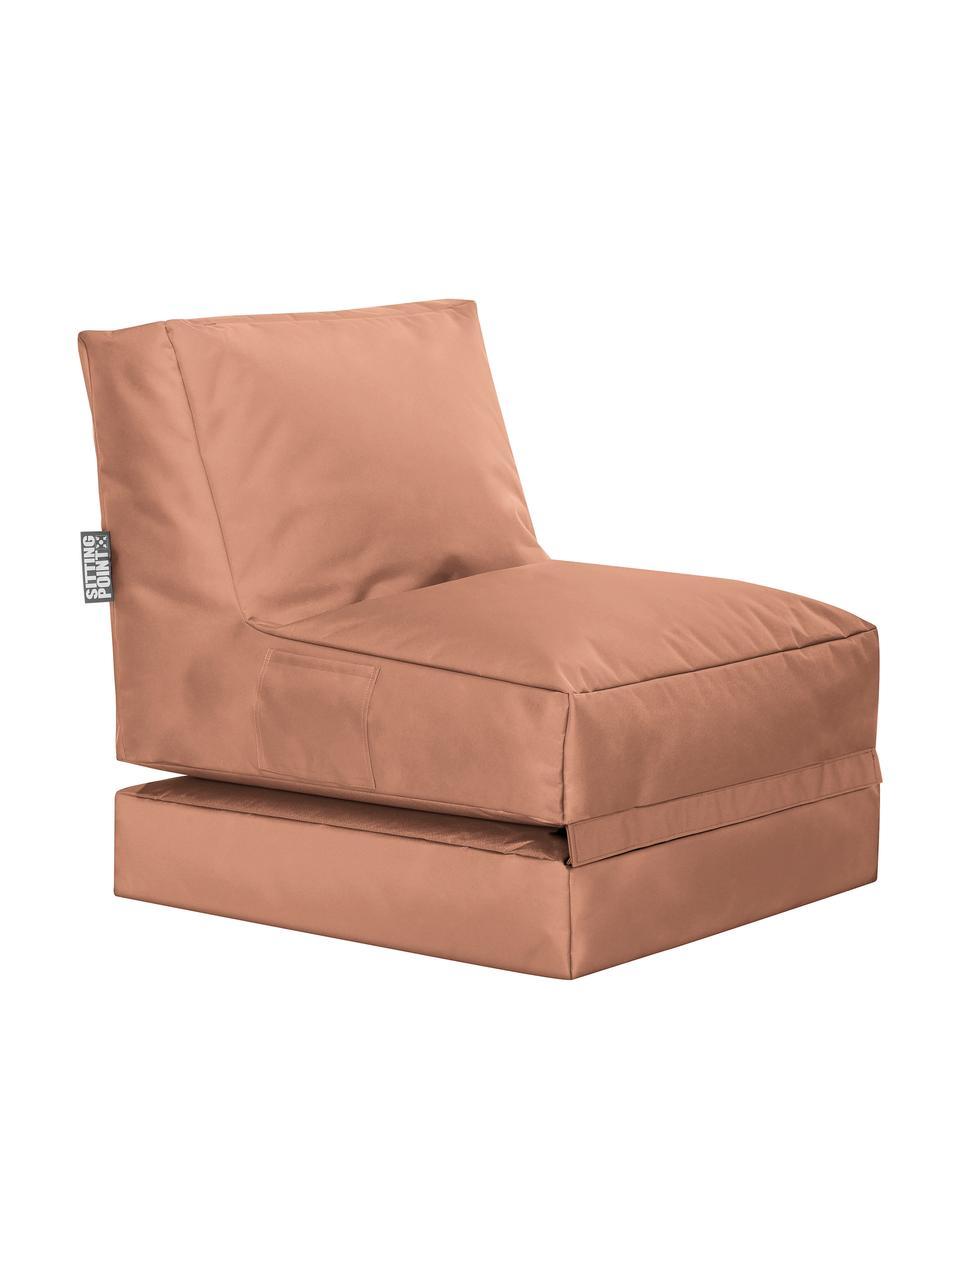 Outdoor loungefauteuil Pop Up met ligfunctie, Bekleding: 100% polyester Binnenzijd, Roze, 70 x 90 cm